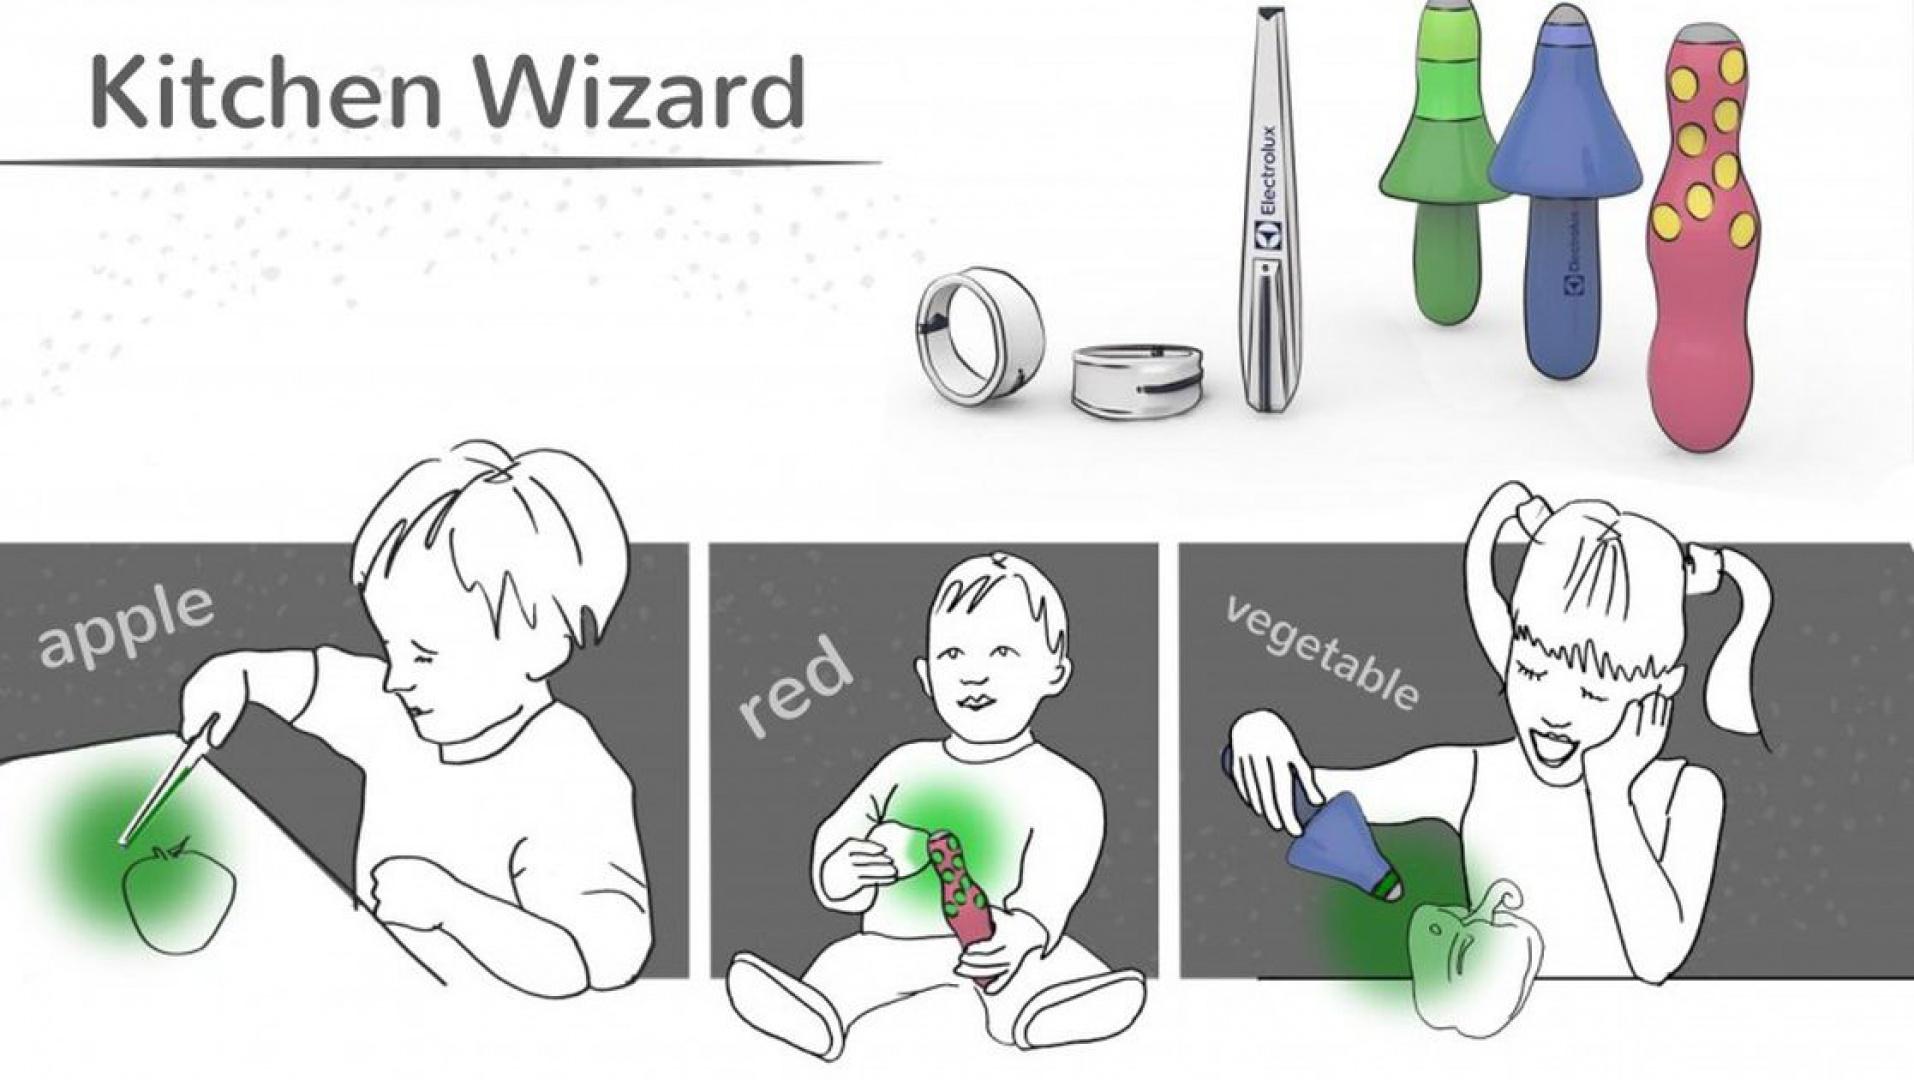 Kitchen Wizard, autorstwa Agaty Hoffa, to koncepcja inteligentnego urządzenia, którego zadaniem jest stymulacja rozwoju intelektualnego dzieci poprzez zabawę. Jego obsługa jest intuicyjna, dzięki czemu idealnie nadaje się dla najmłodszych. Fot. Materiały prasowe organizatora